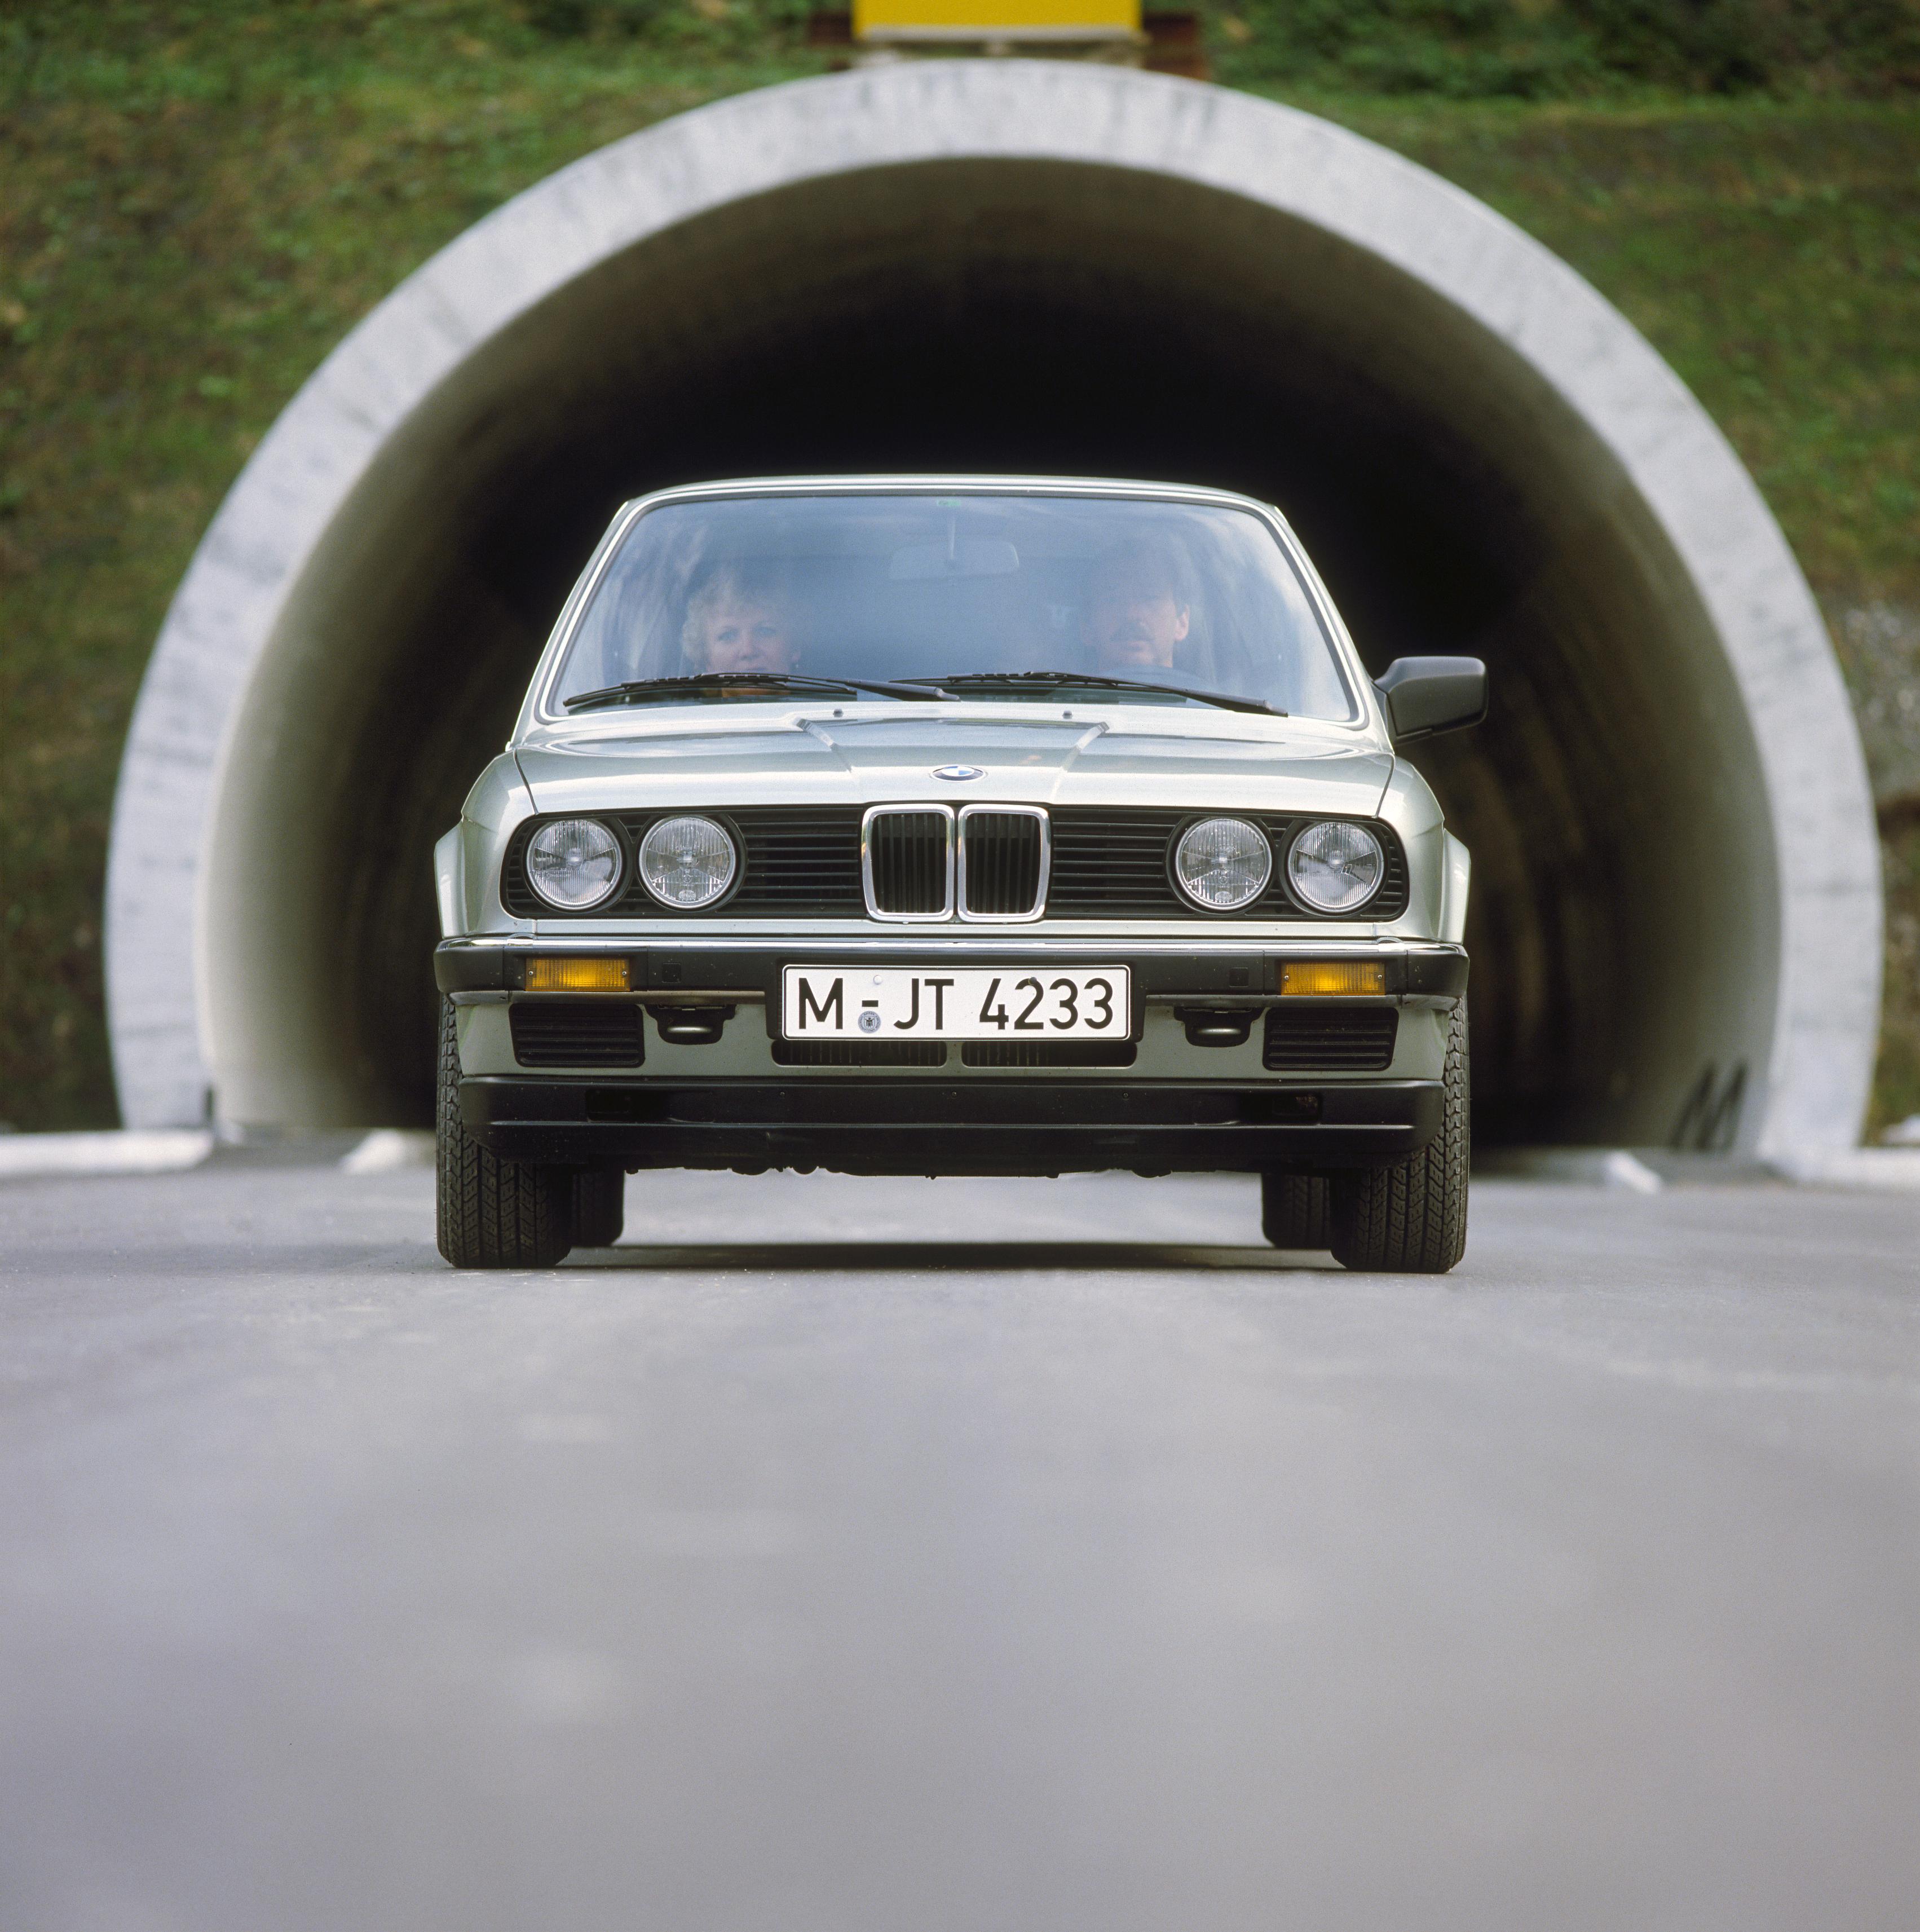 fotos de BMW clássicas